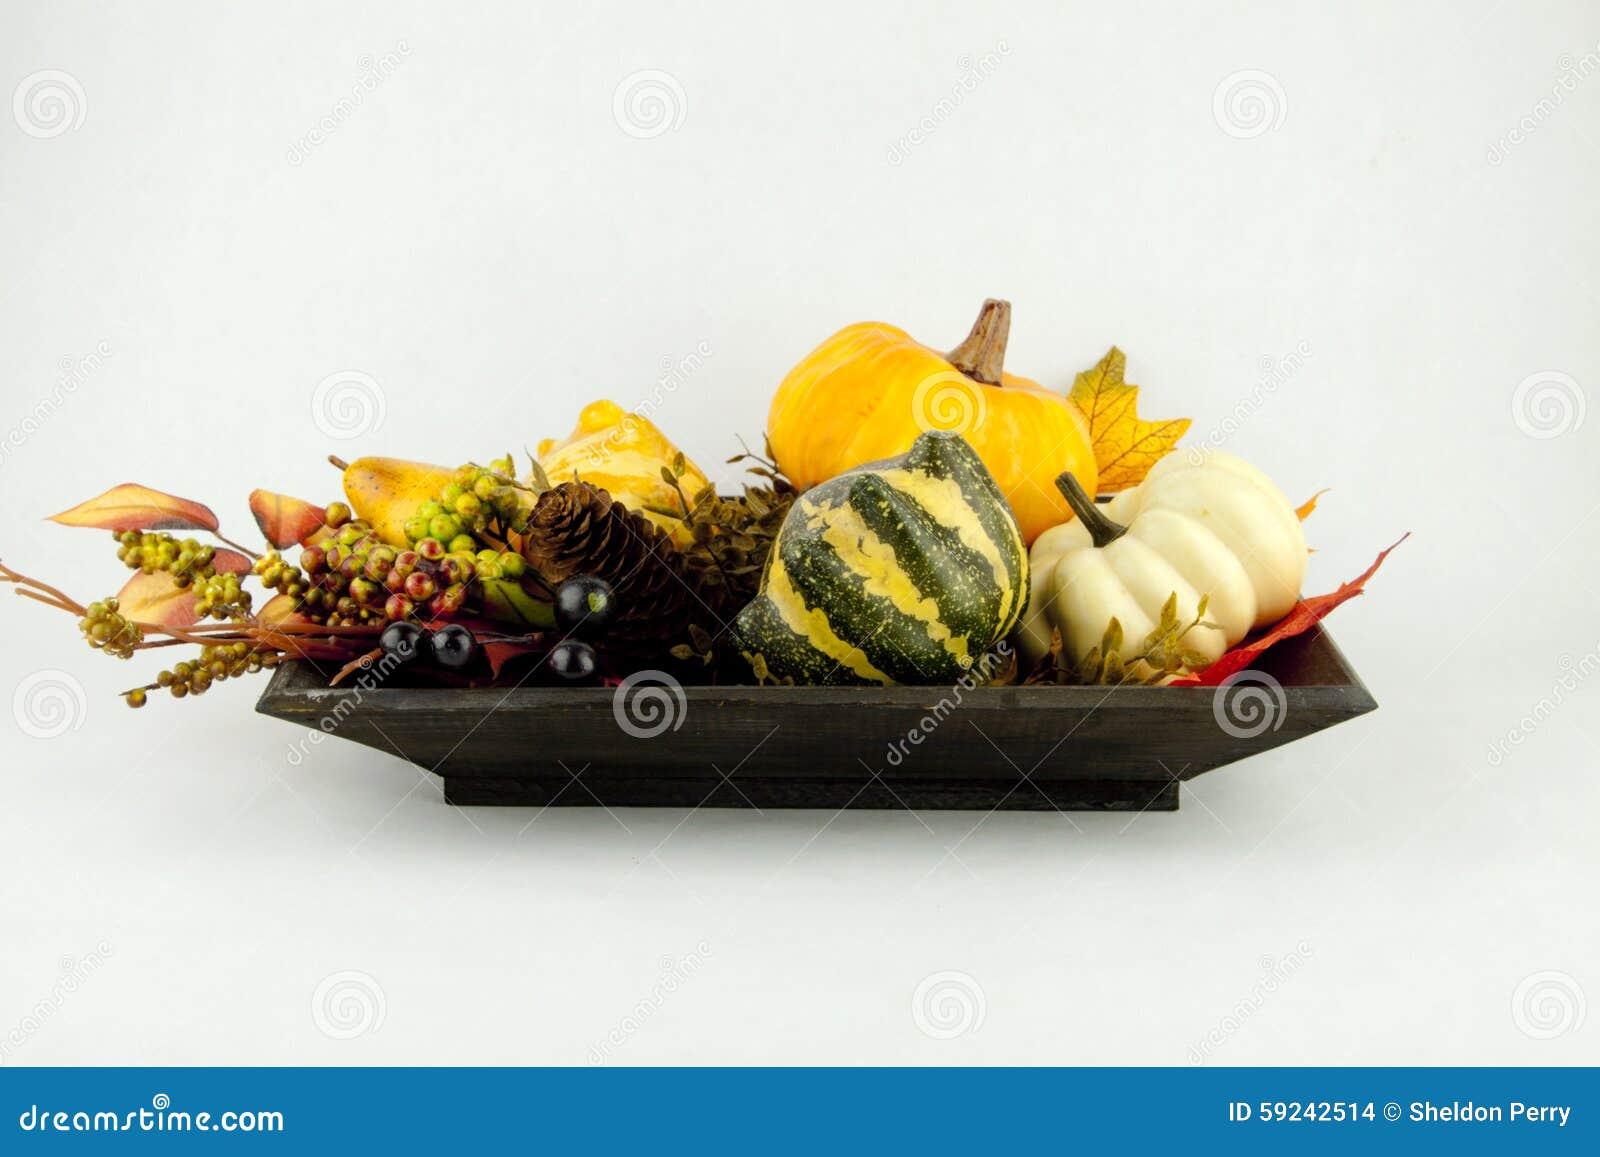 Download Calabazas y hojas de otoño foto de archivo. Imagen de bayas - 59242514